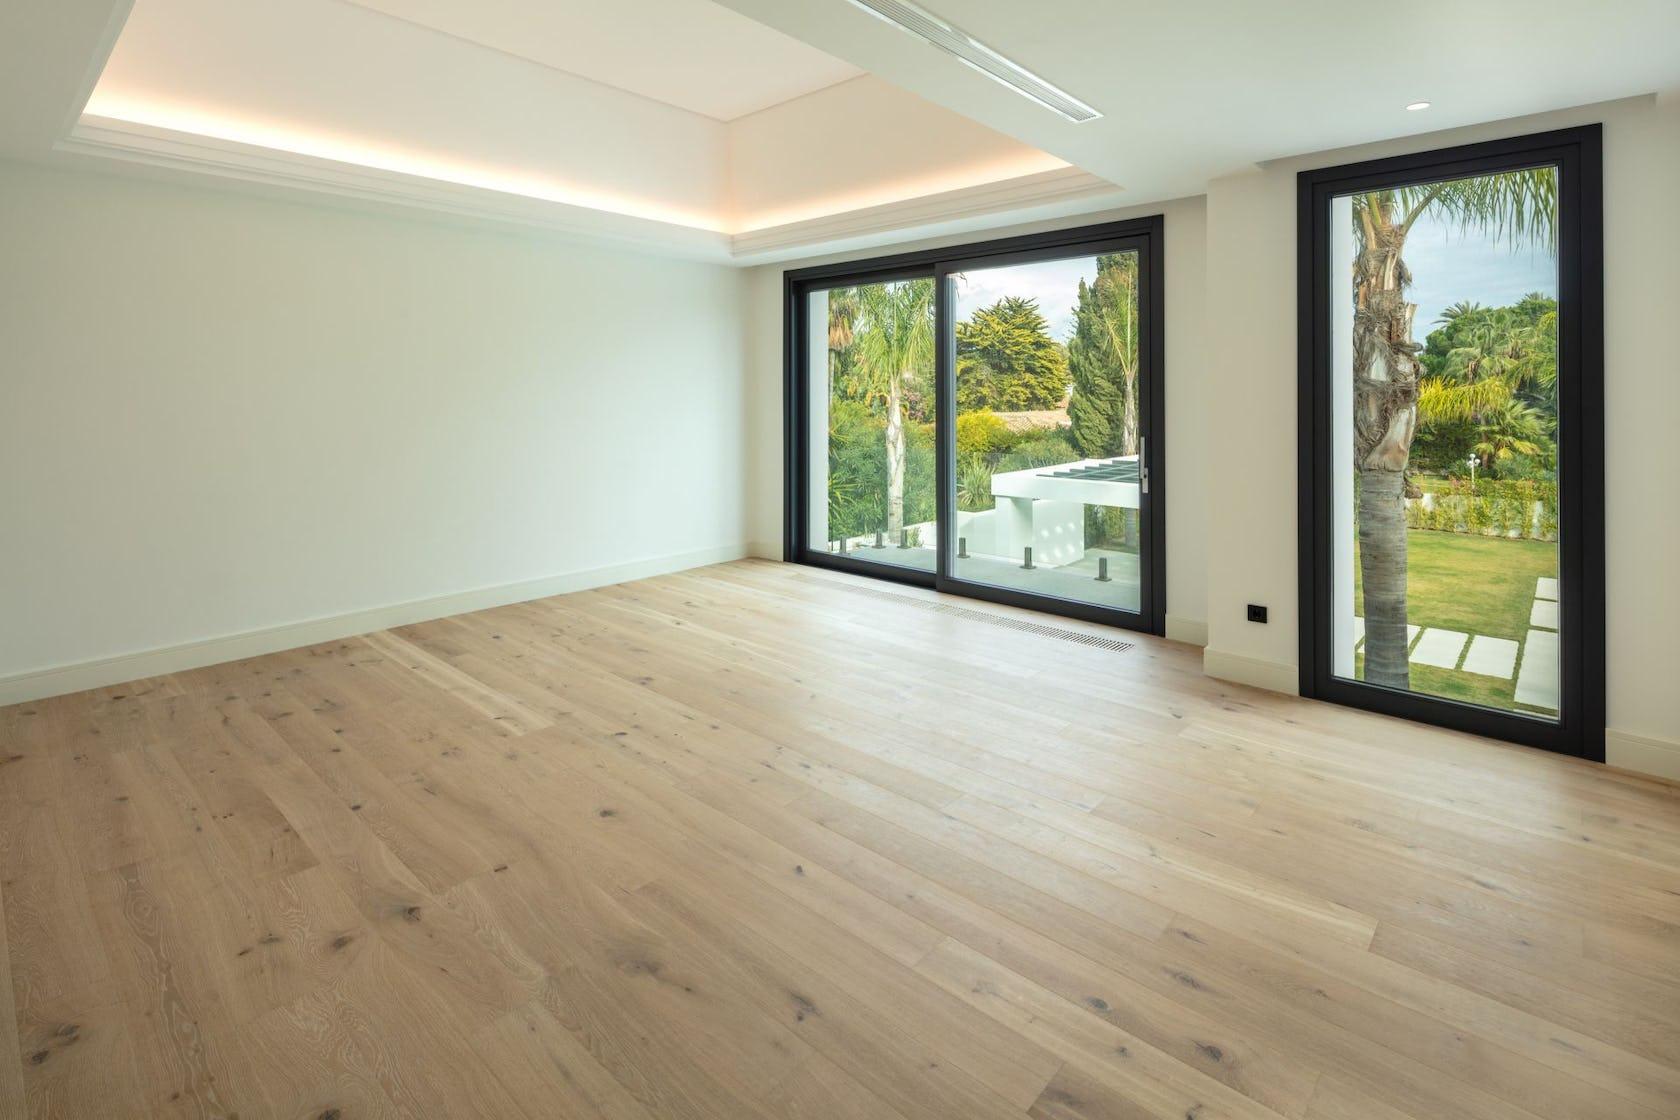 floor flooring wood hardwood indoors